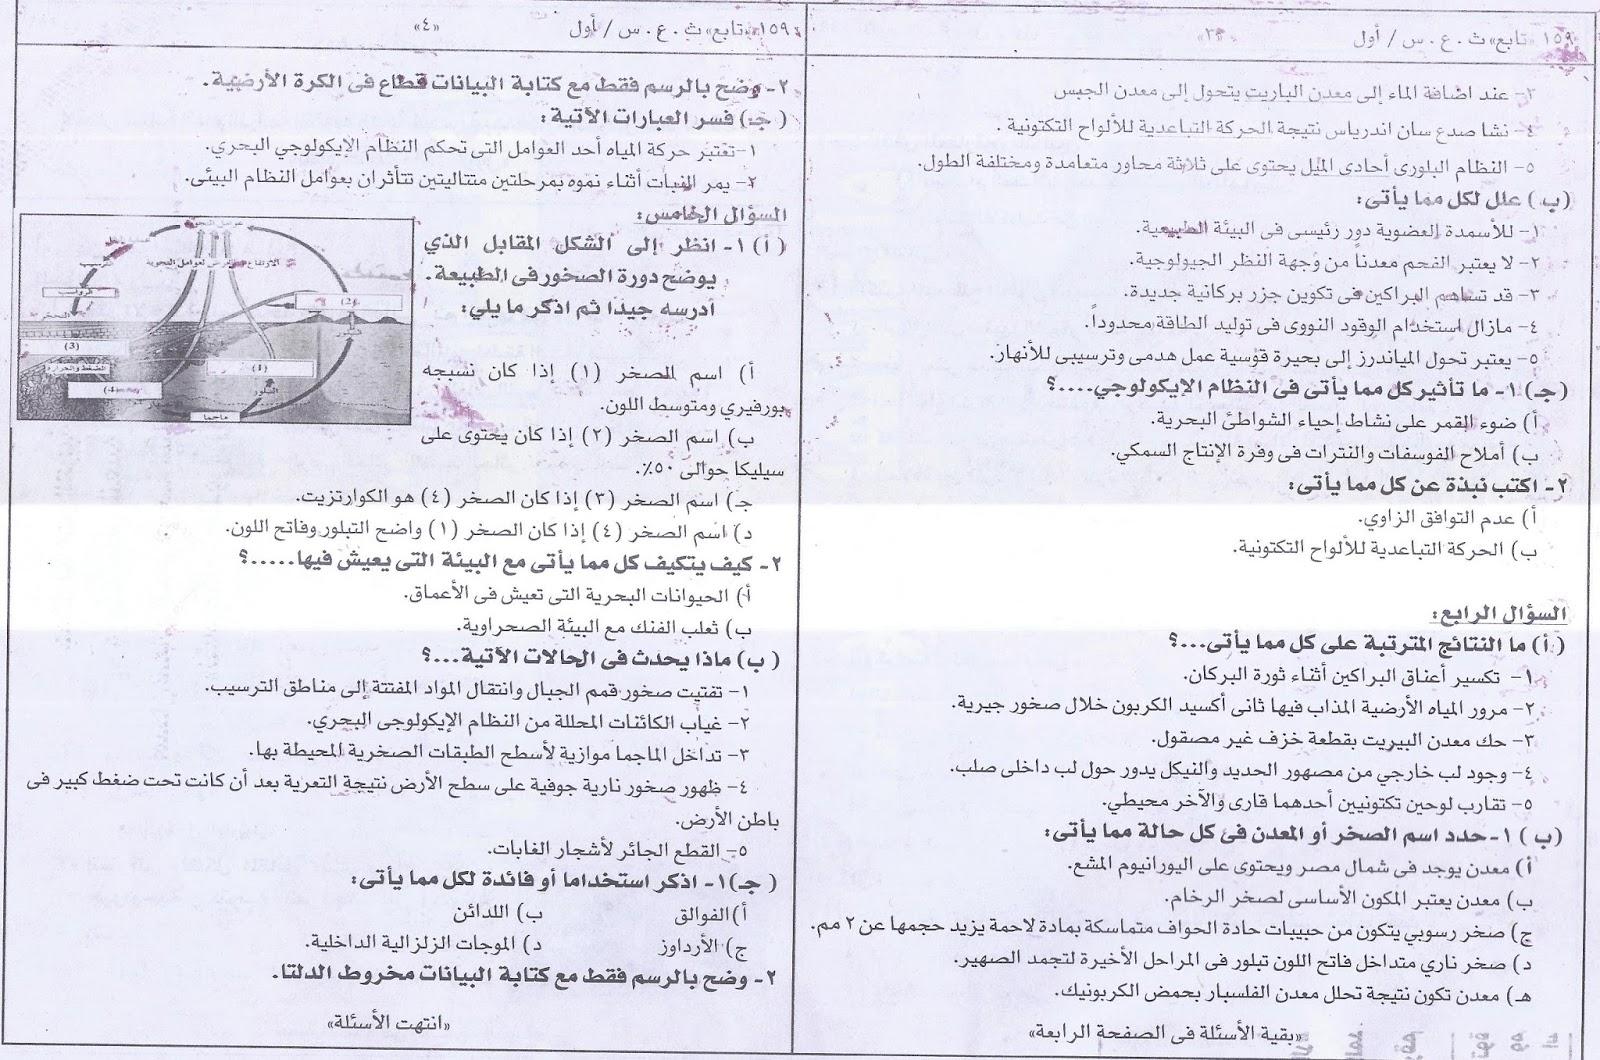 """امتحان 2016 فى الجيولوجيا والعلوم البيئية للثانوية العامة بـ""""السودان"""" + نموذج الاجابة 5"""